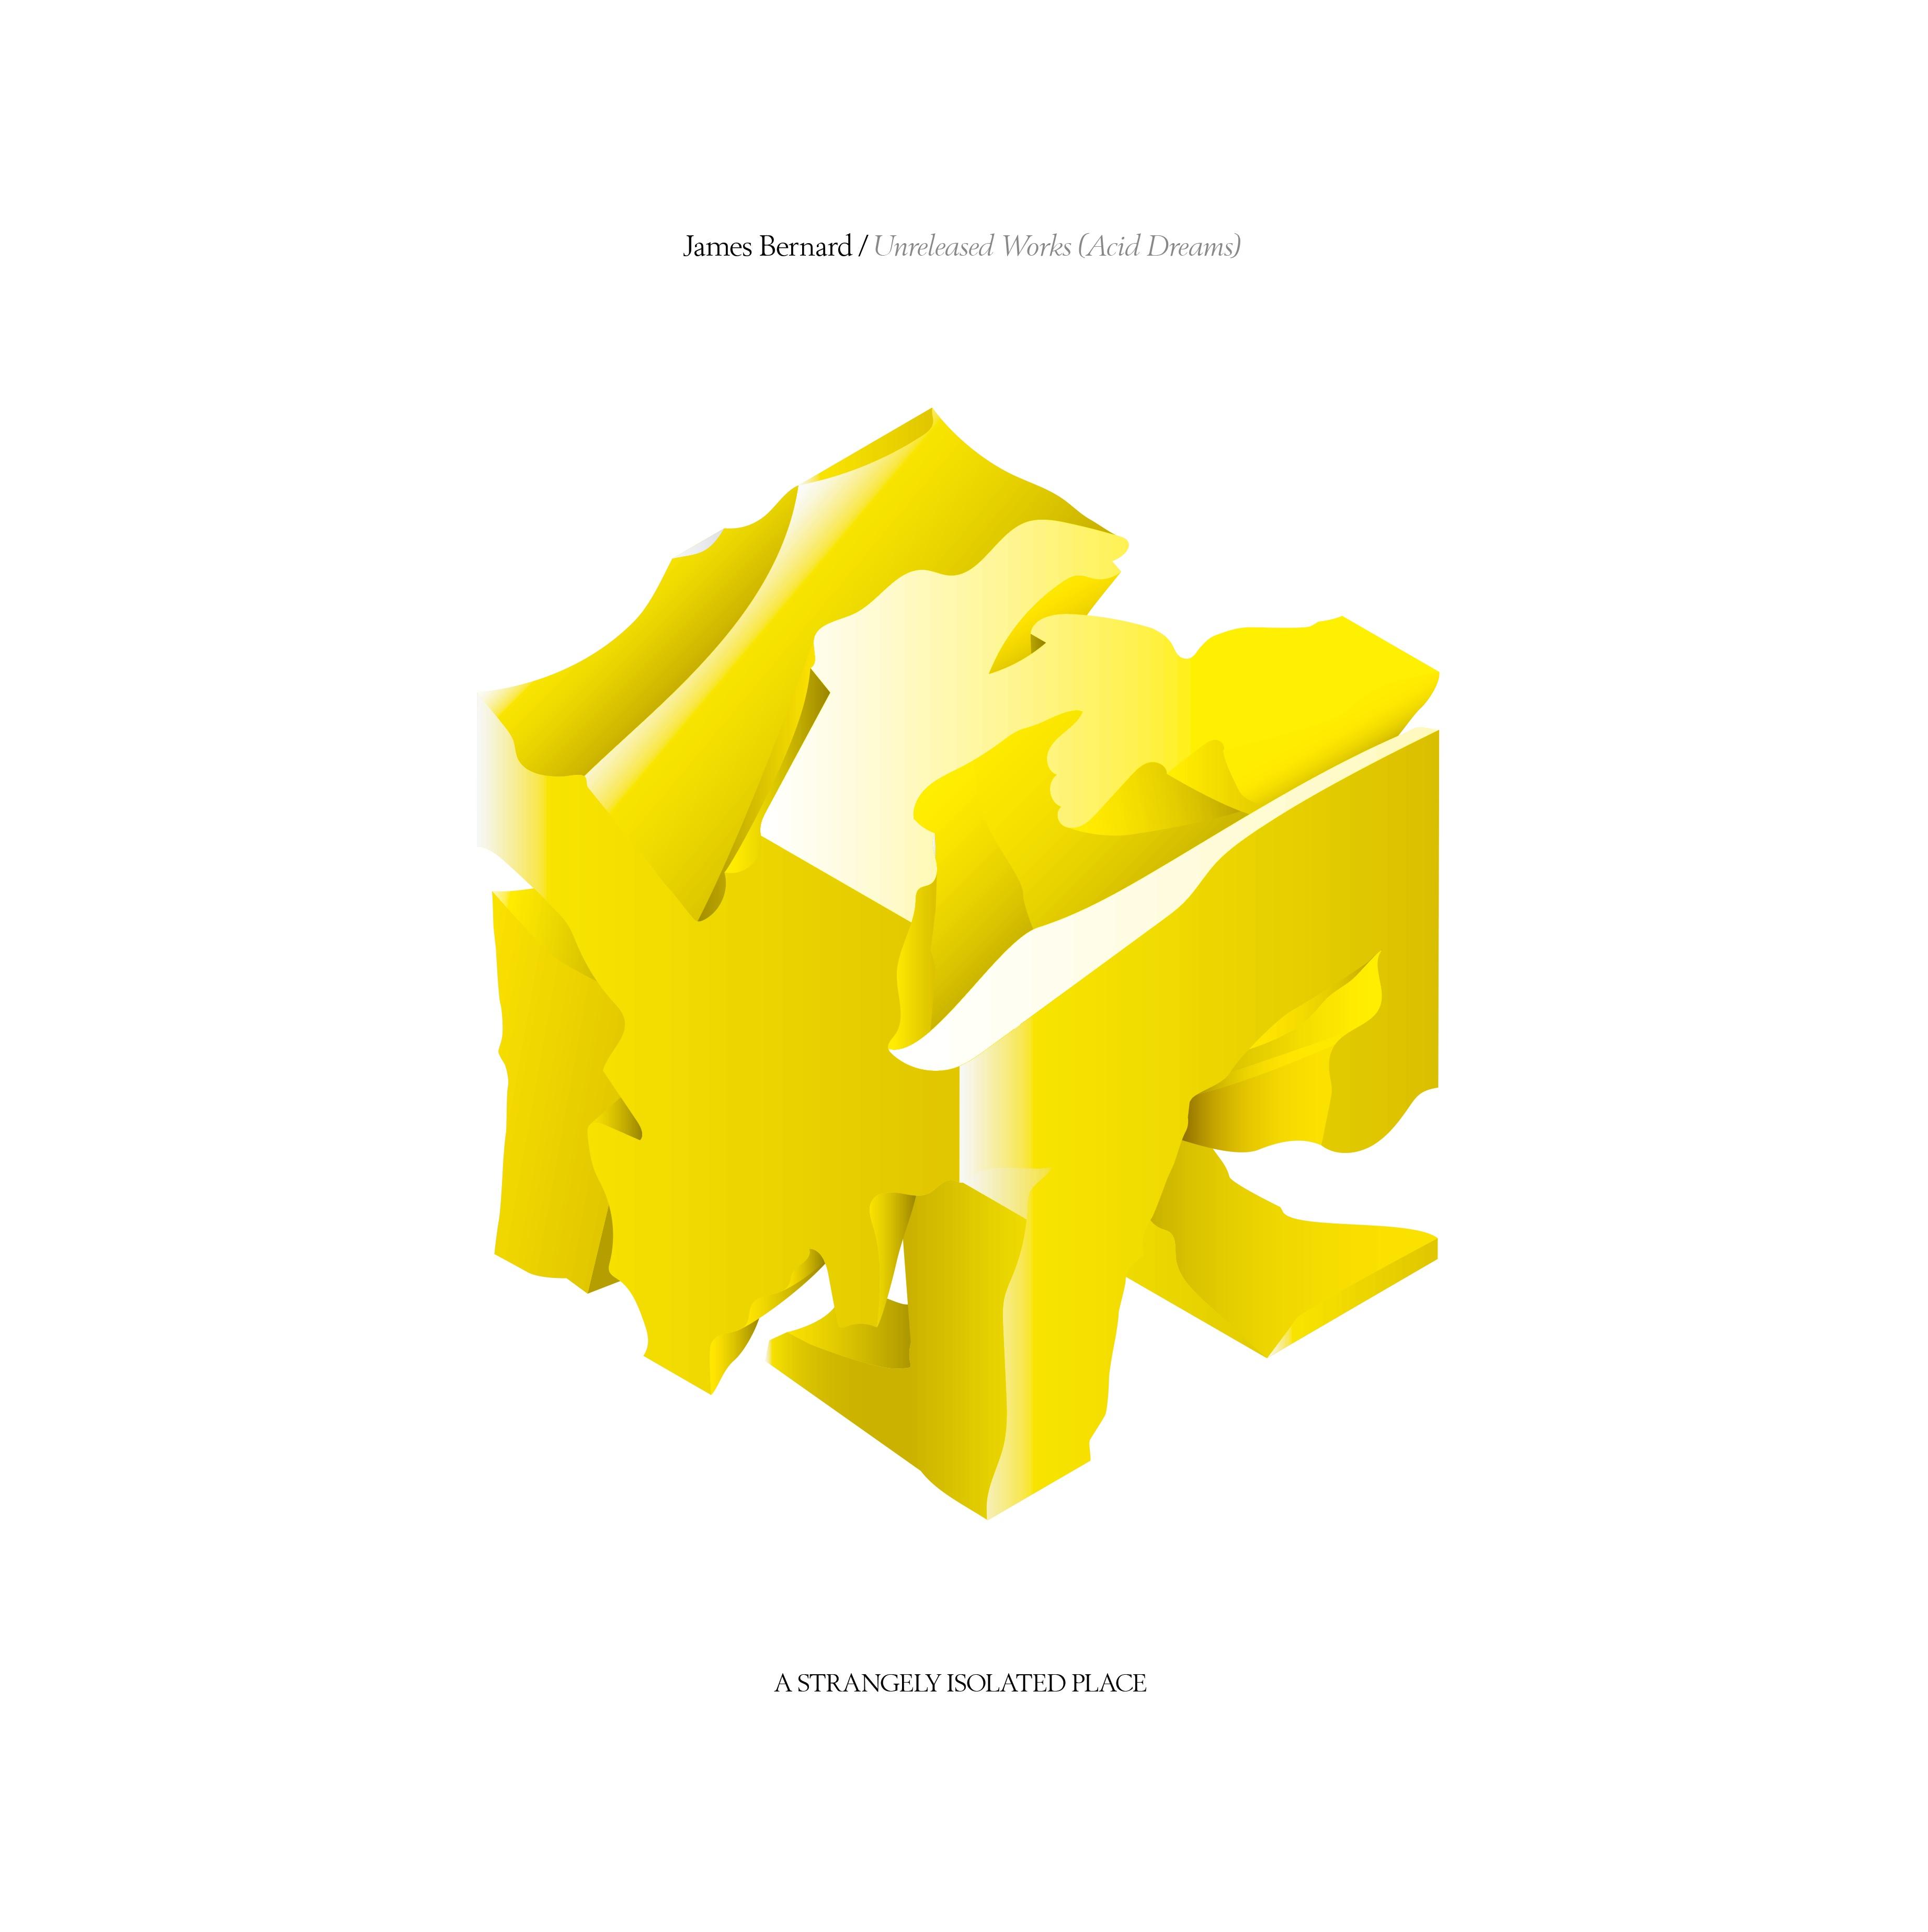 James Bernard - Unreleased Works: Volume 1 Acid Dreams